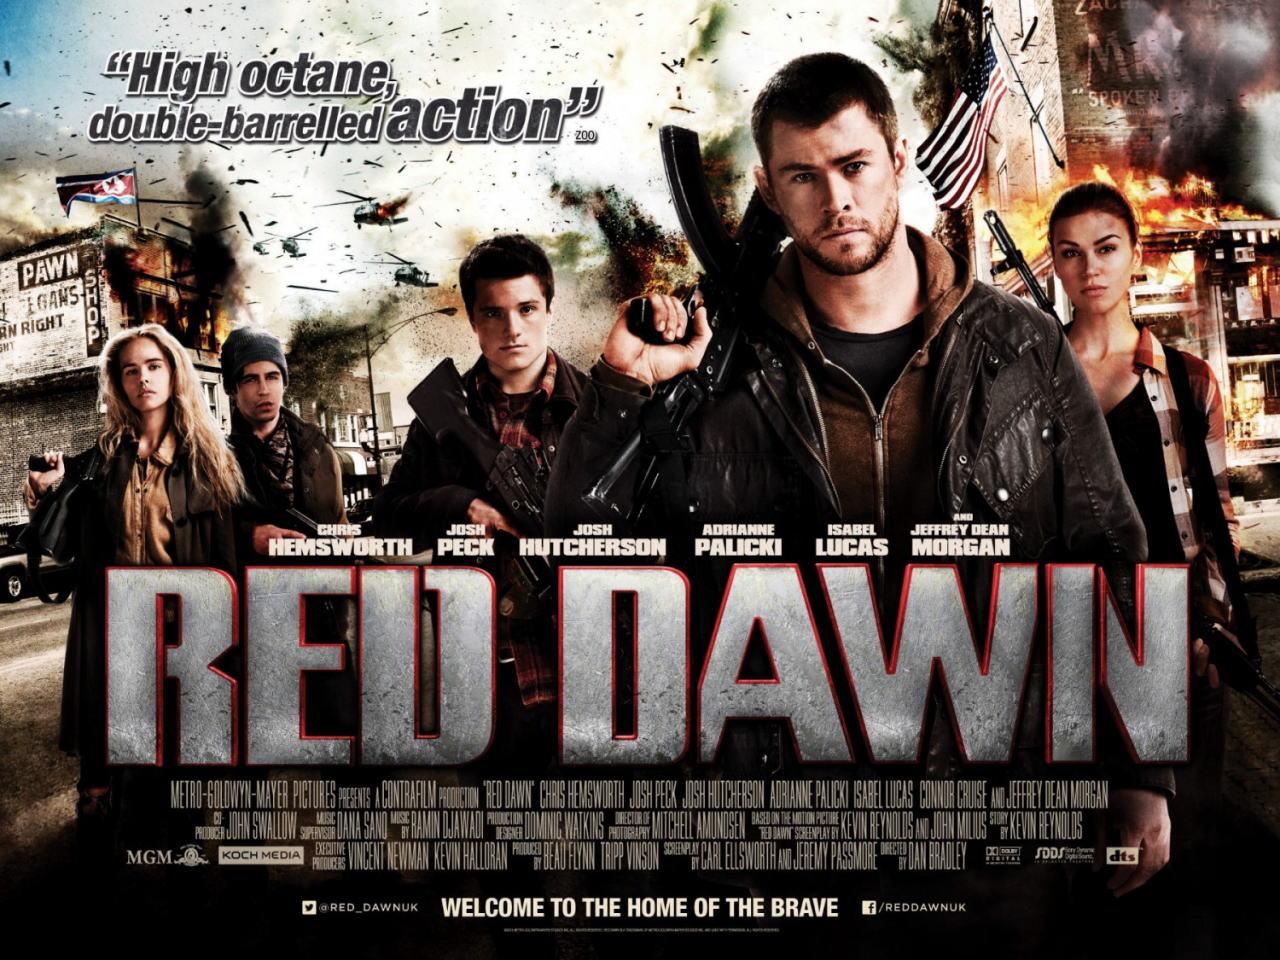 映画『レッド・ドーン (2012) RED DAWN』ポスター(4)▼ポスター画像クリックで拡大します。